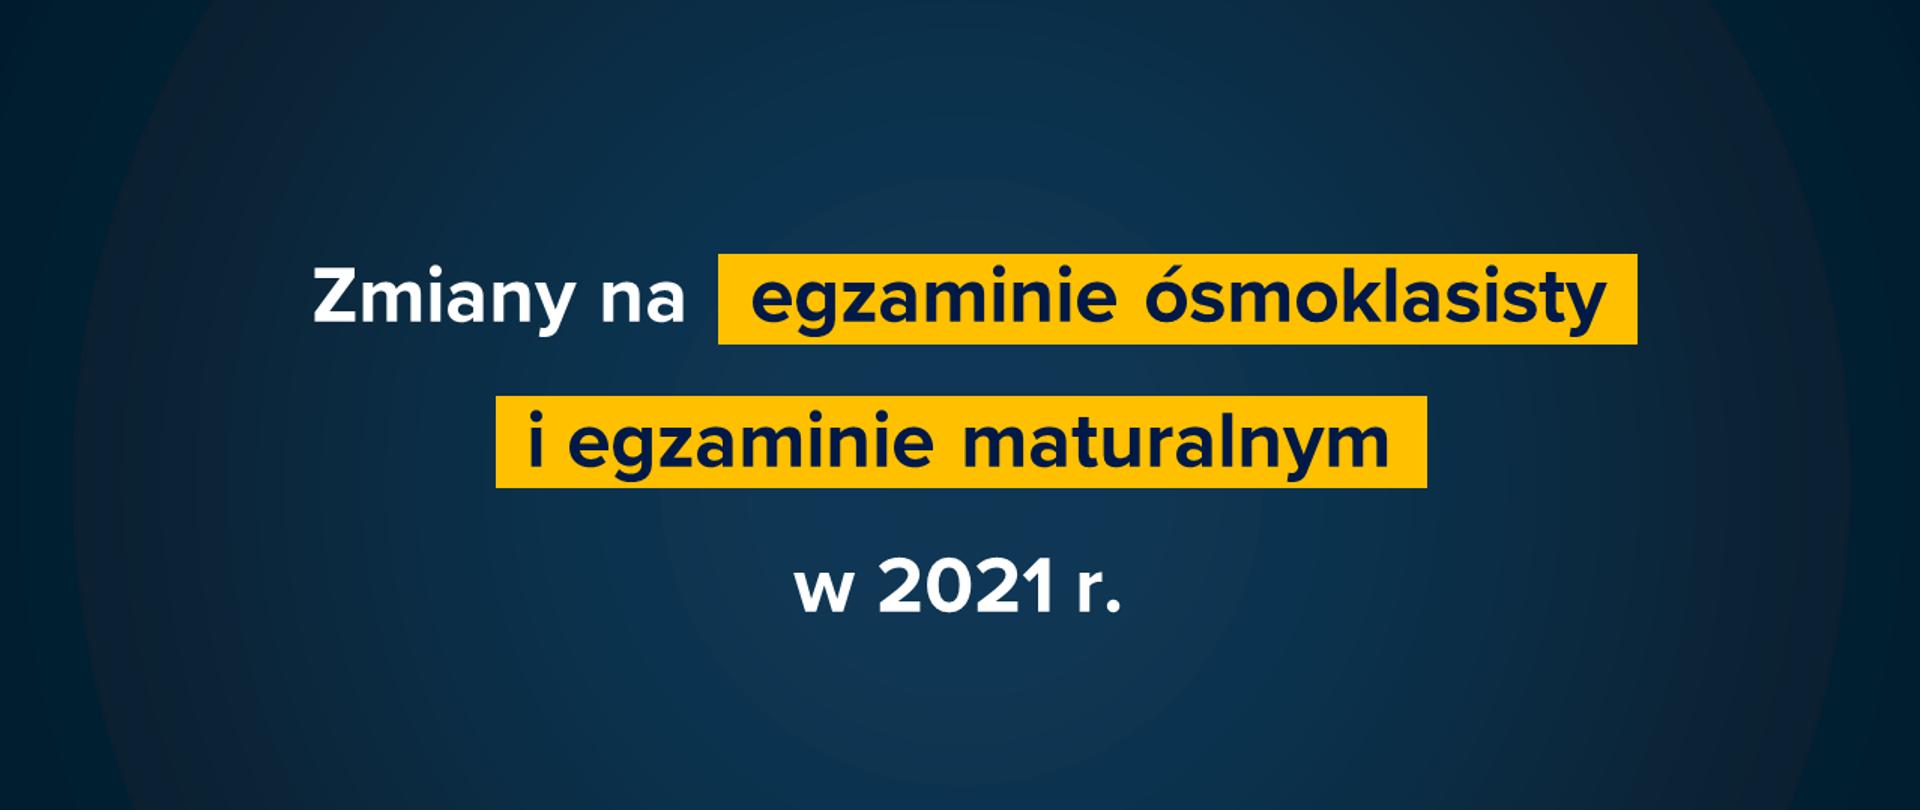 """Granatowa grafika z tekstem: """"Zmiany na egzaminie ósmoklasisty i egzaminie maturalnym w 2021 r."""""""